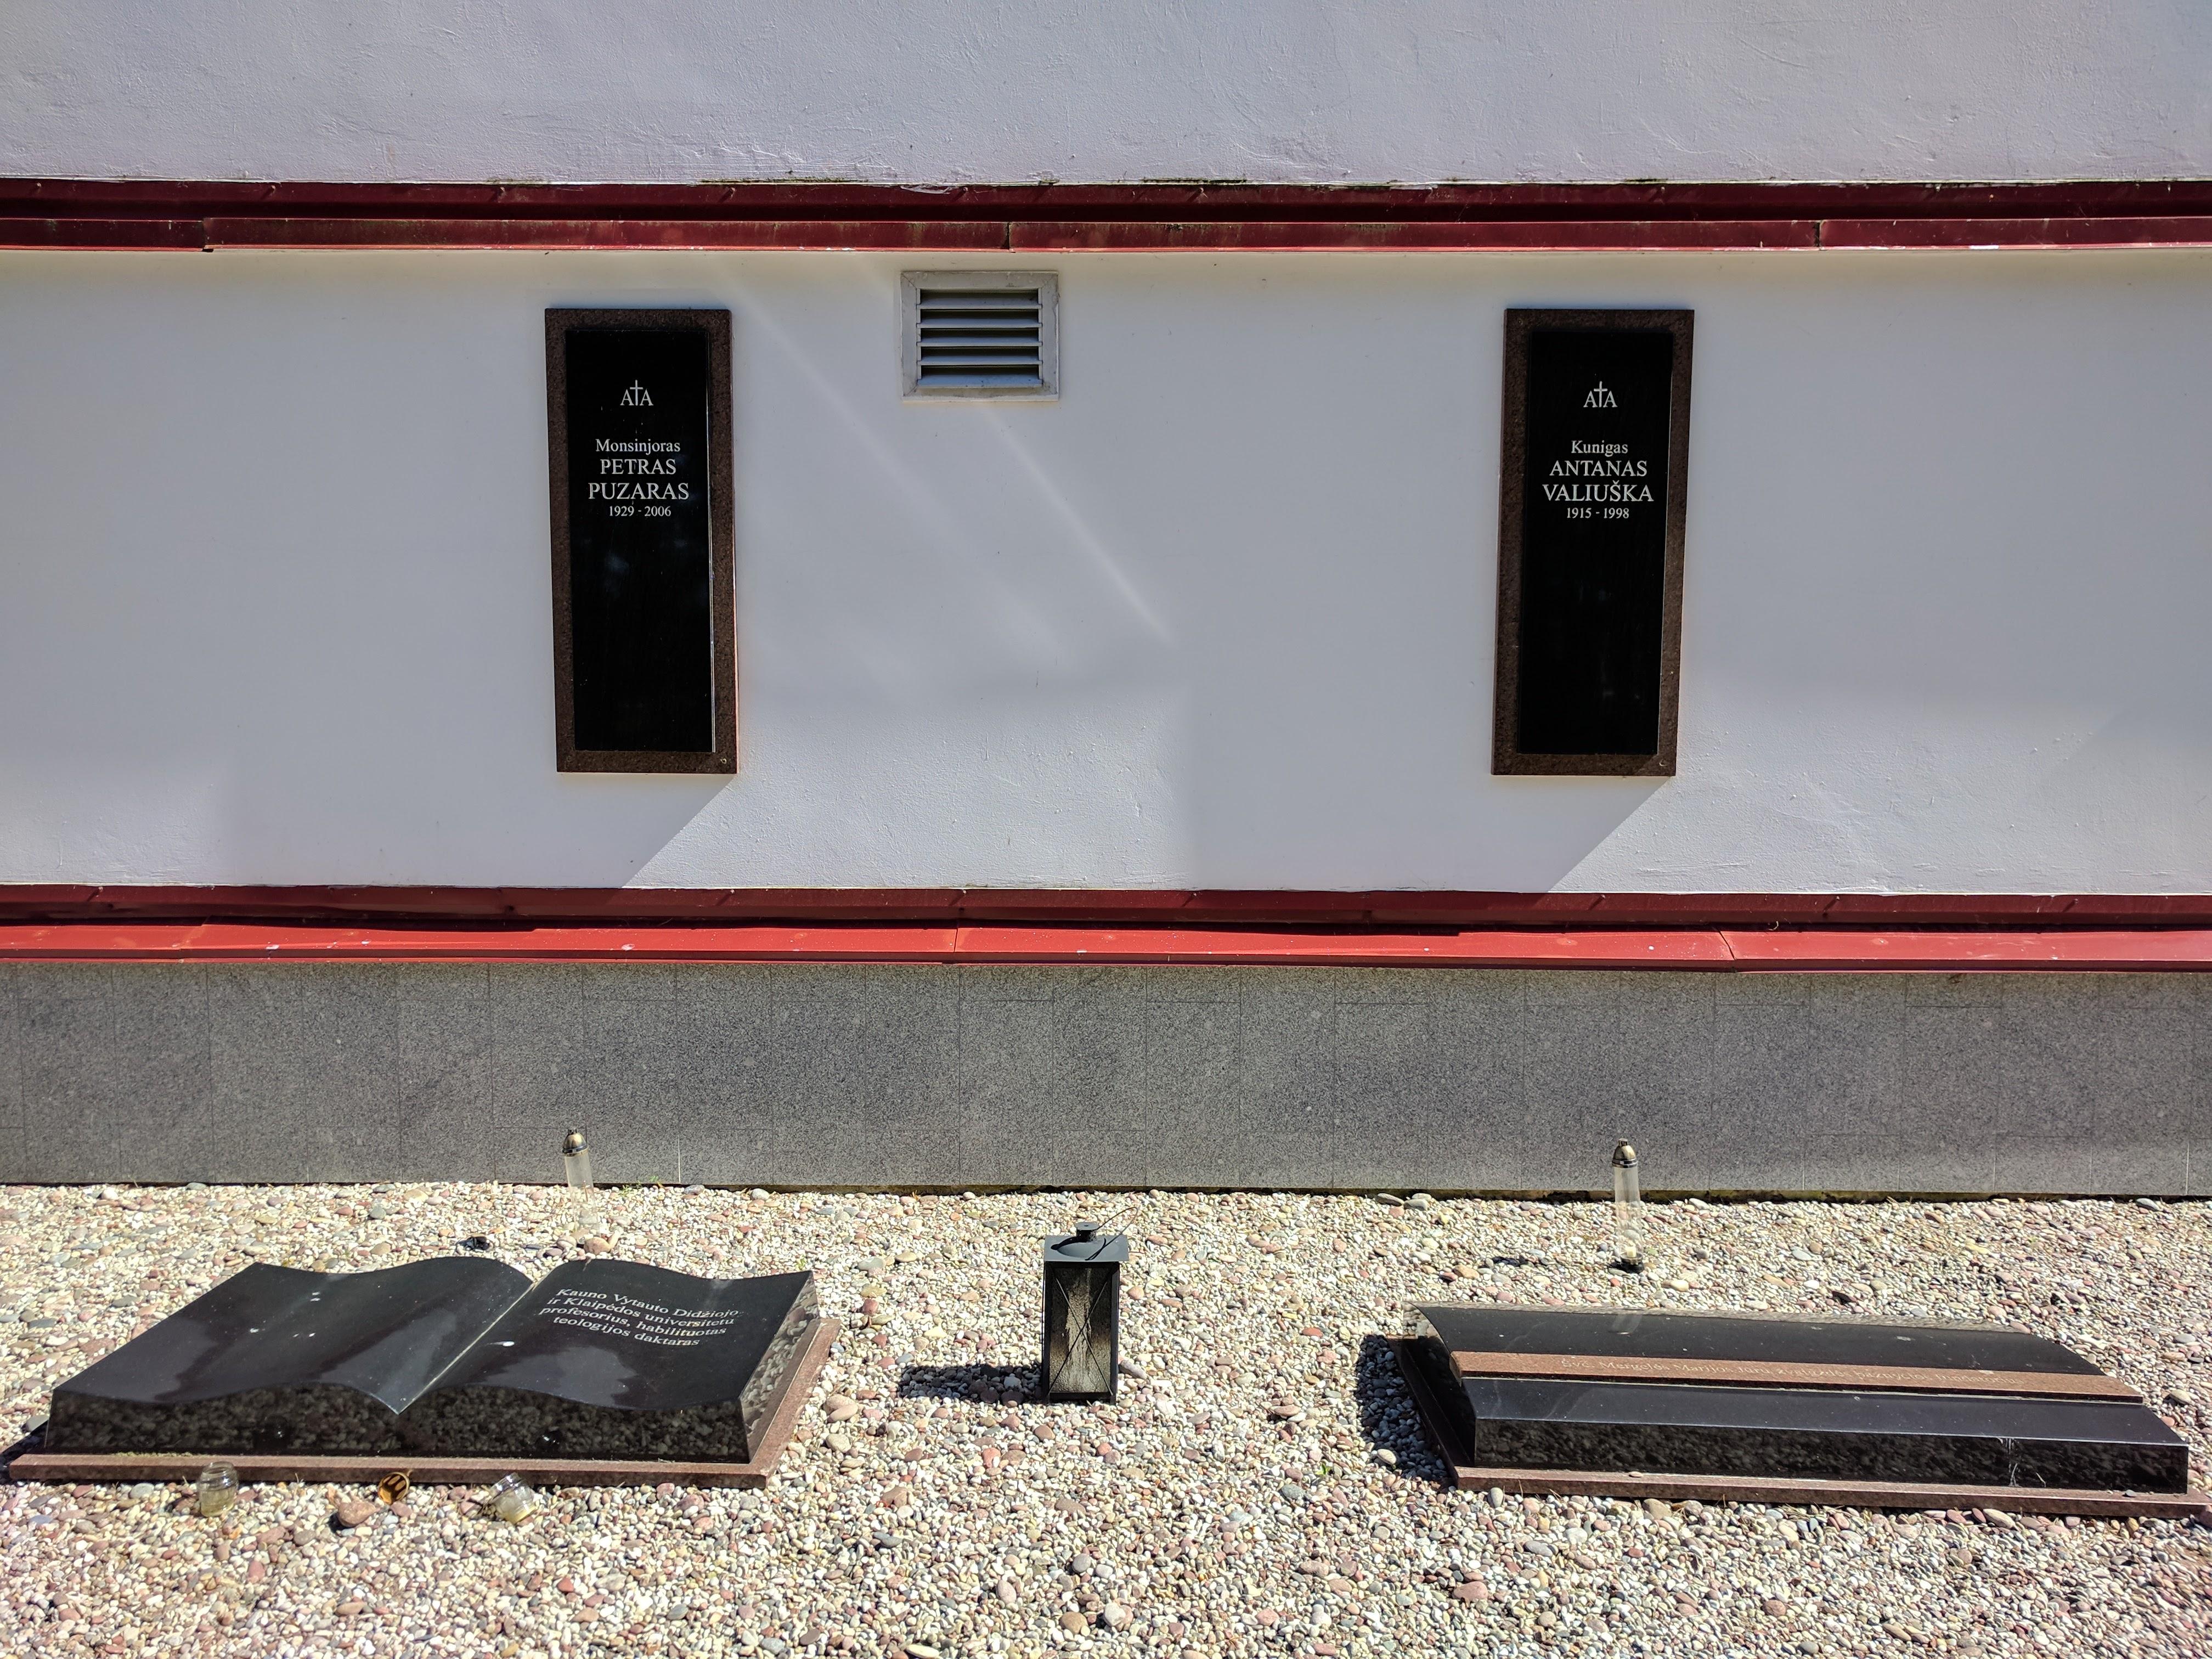 Antkapiai ir paminklai A. Valiuškai ir P. Puzarui